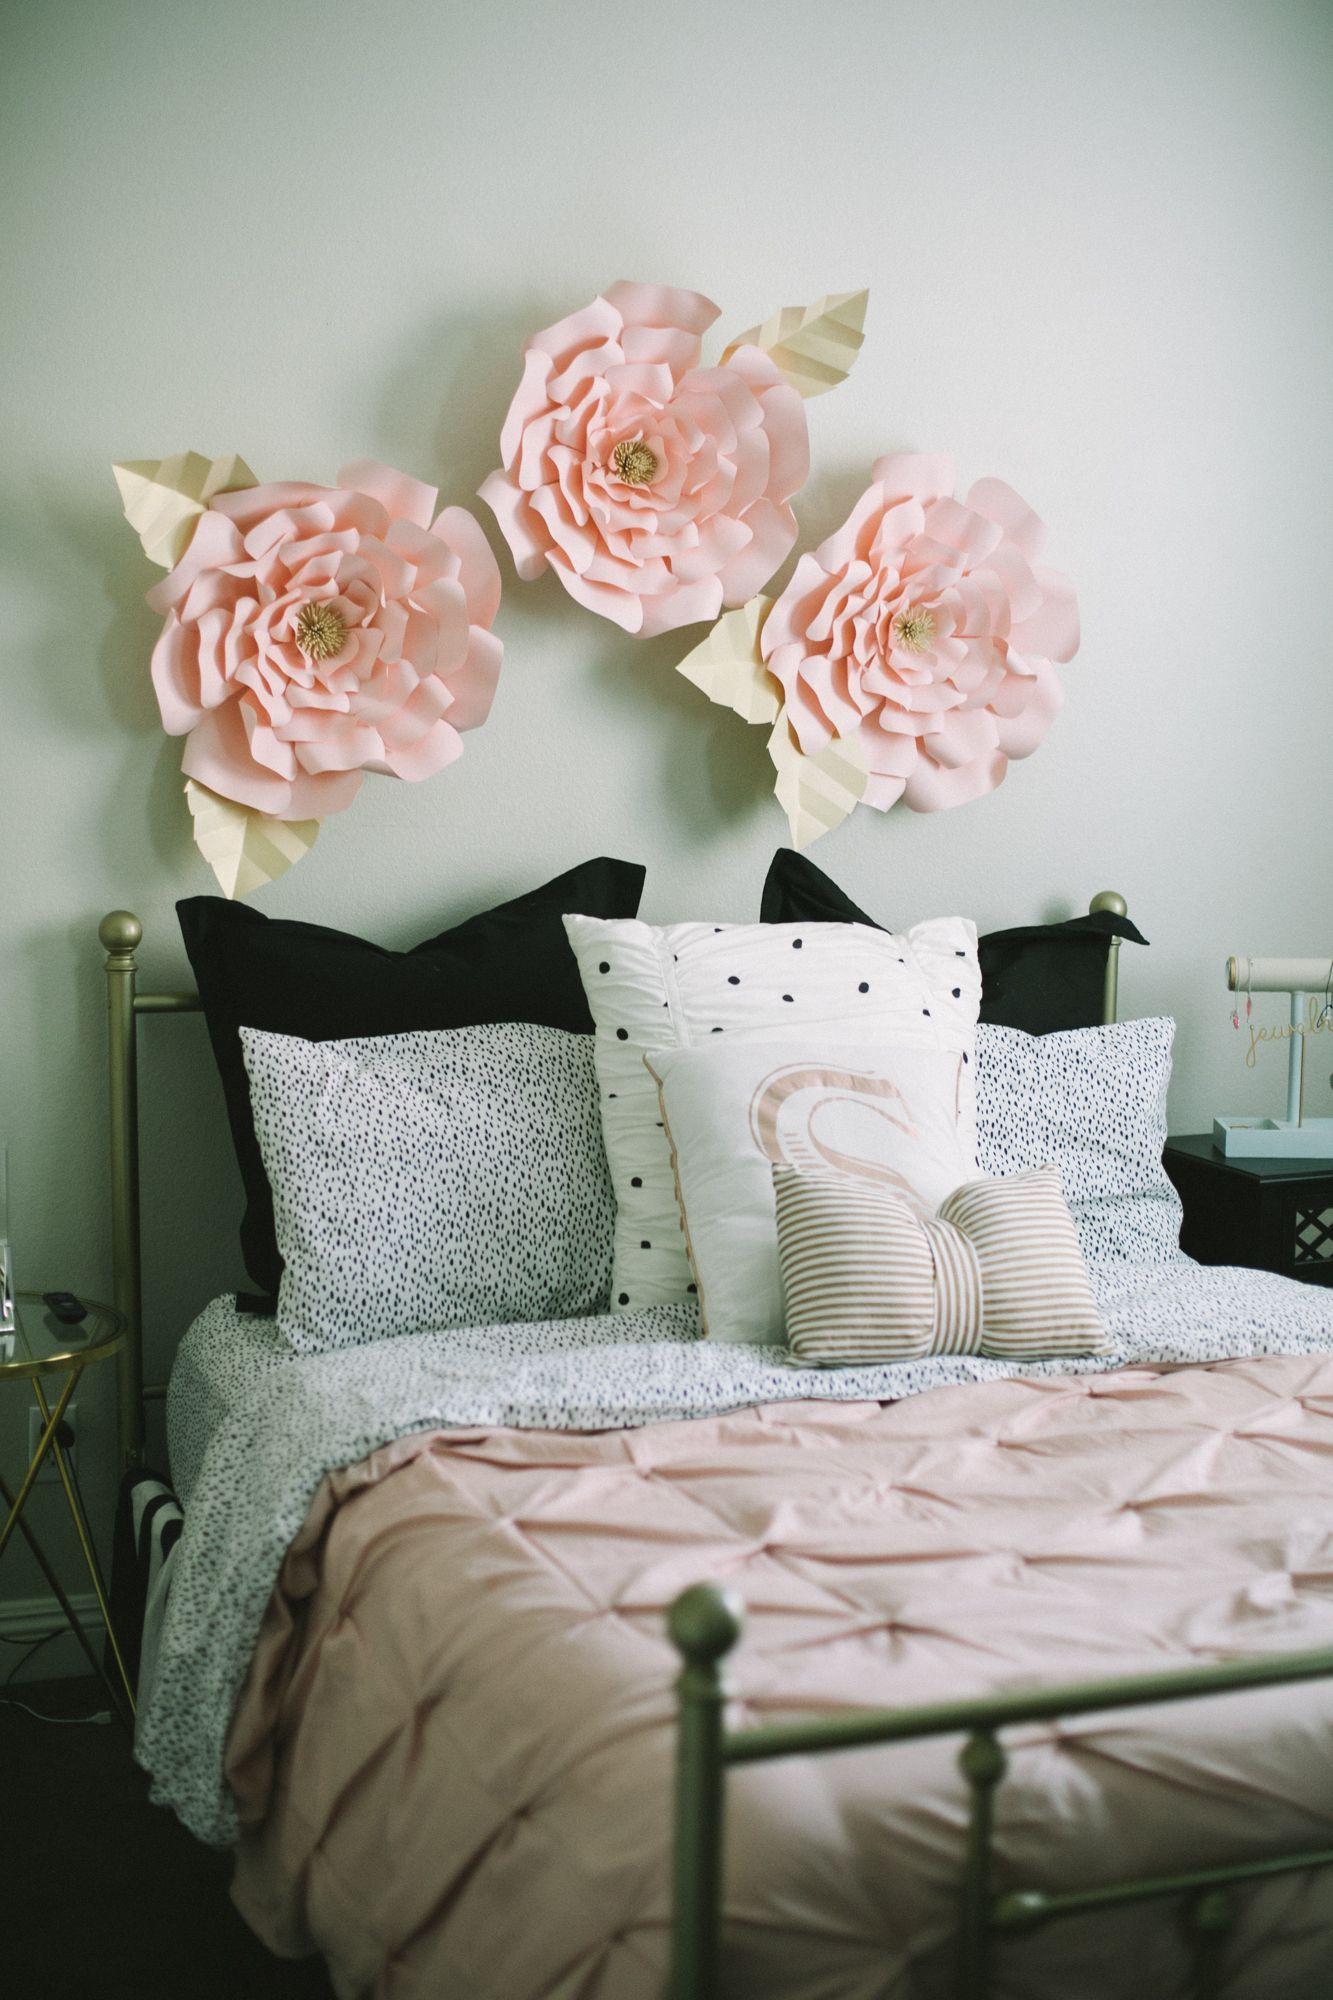 Epingle Par Elina Sur Bedroom Decoration Chambre Fille